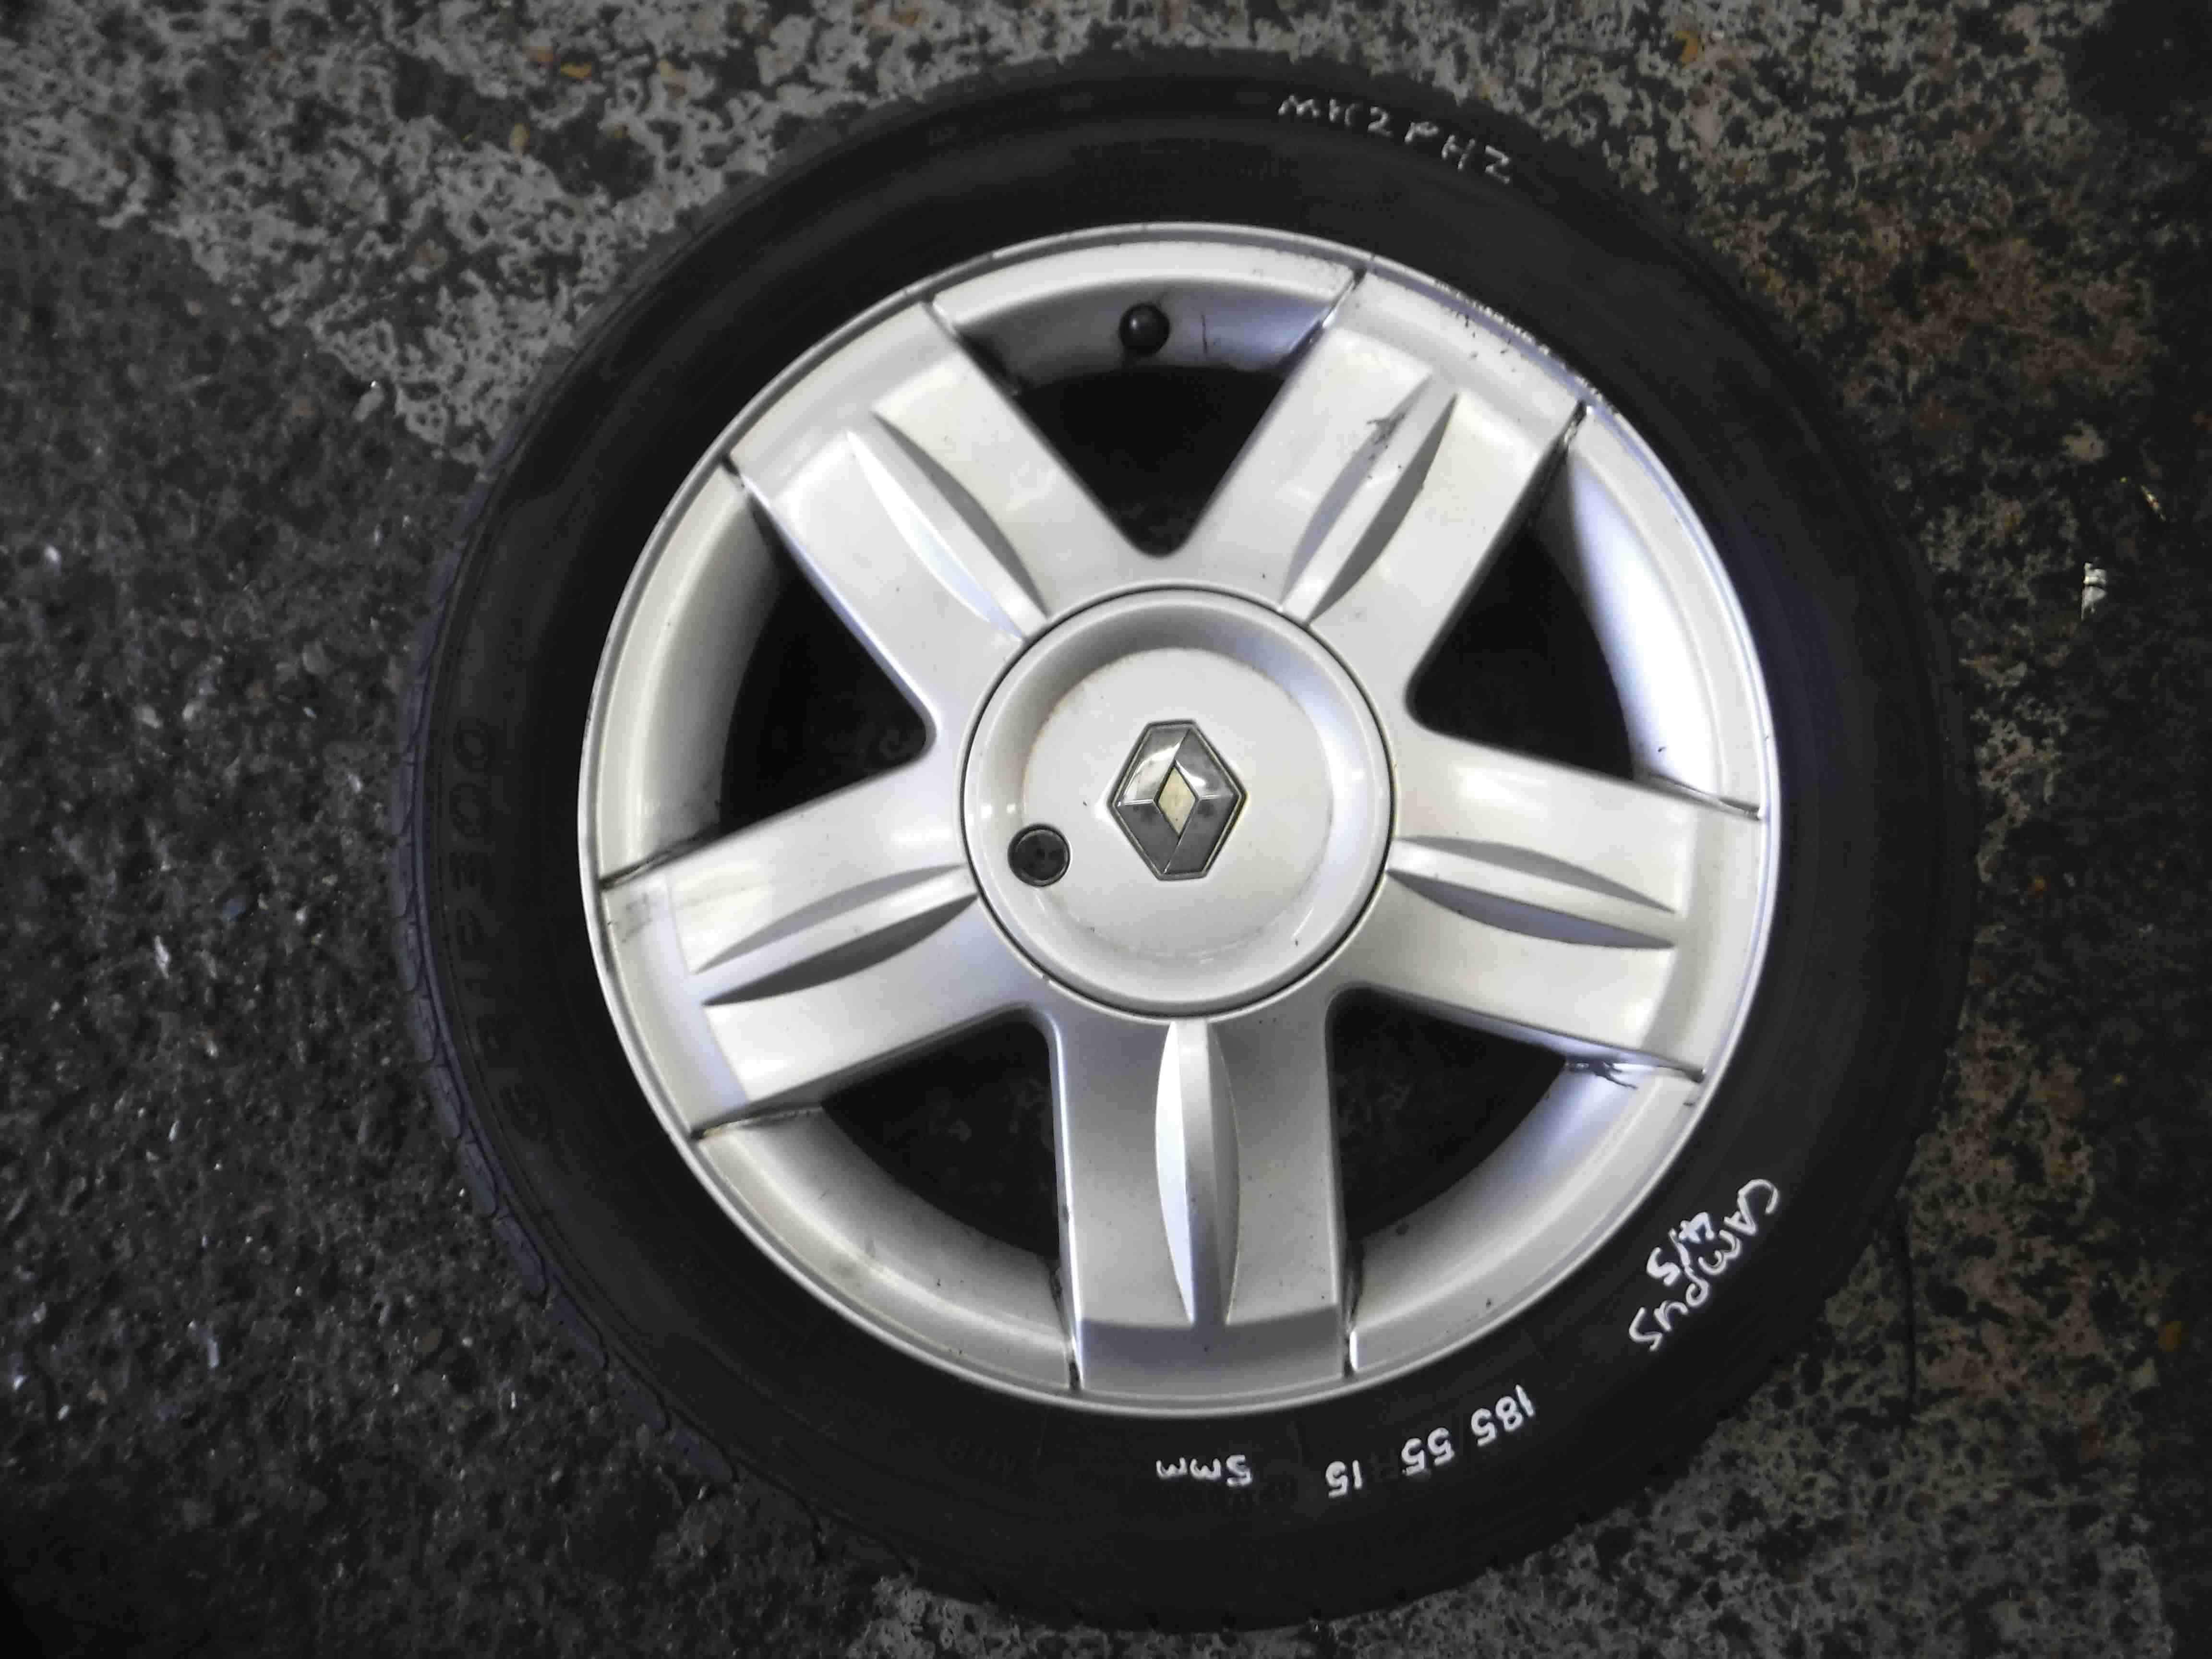 Renault Clio MK2 2001-2006 Campus Alium Alloy Wheel  Tyre 185 55 15 5mm 4/5